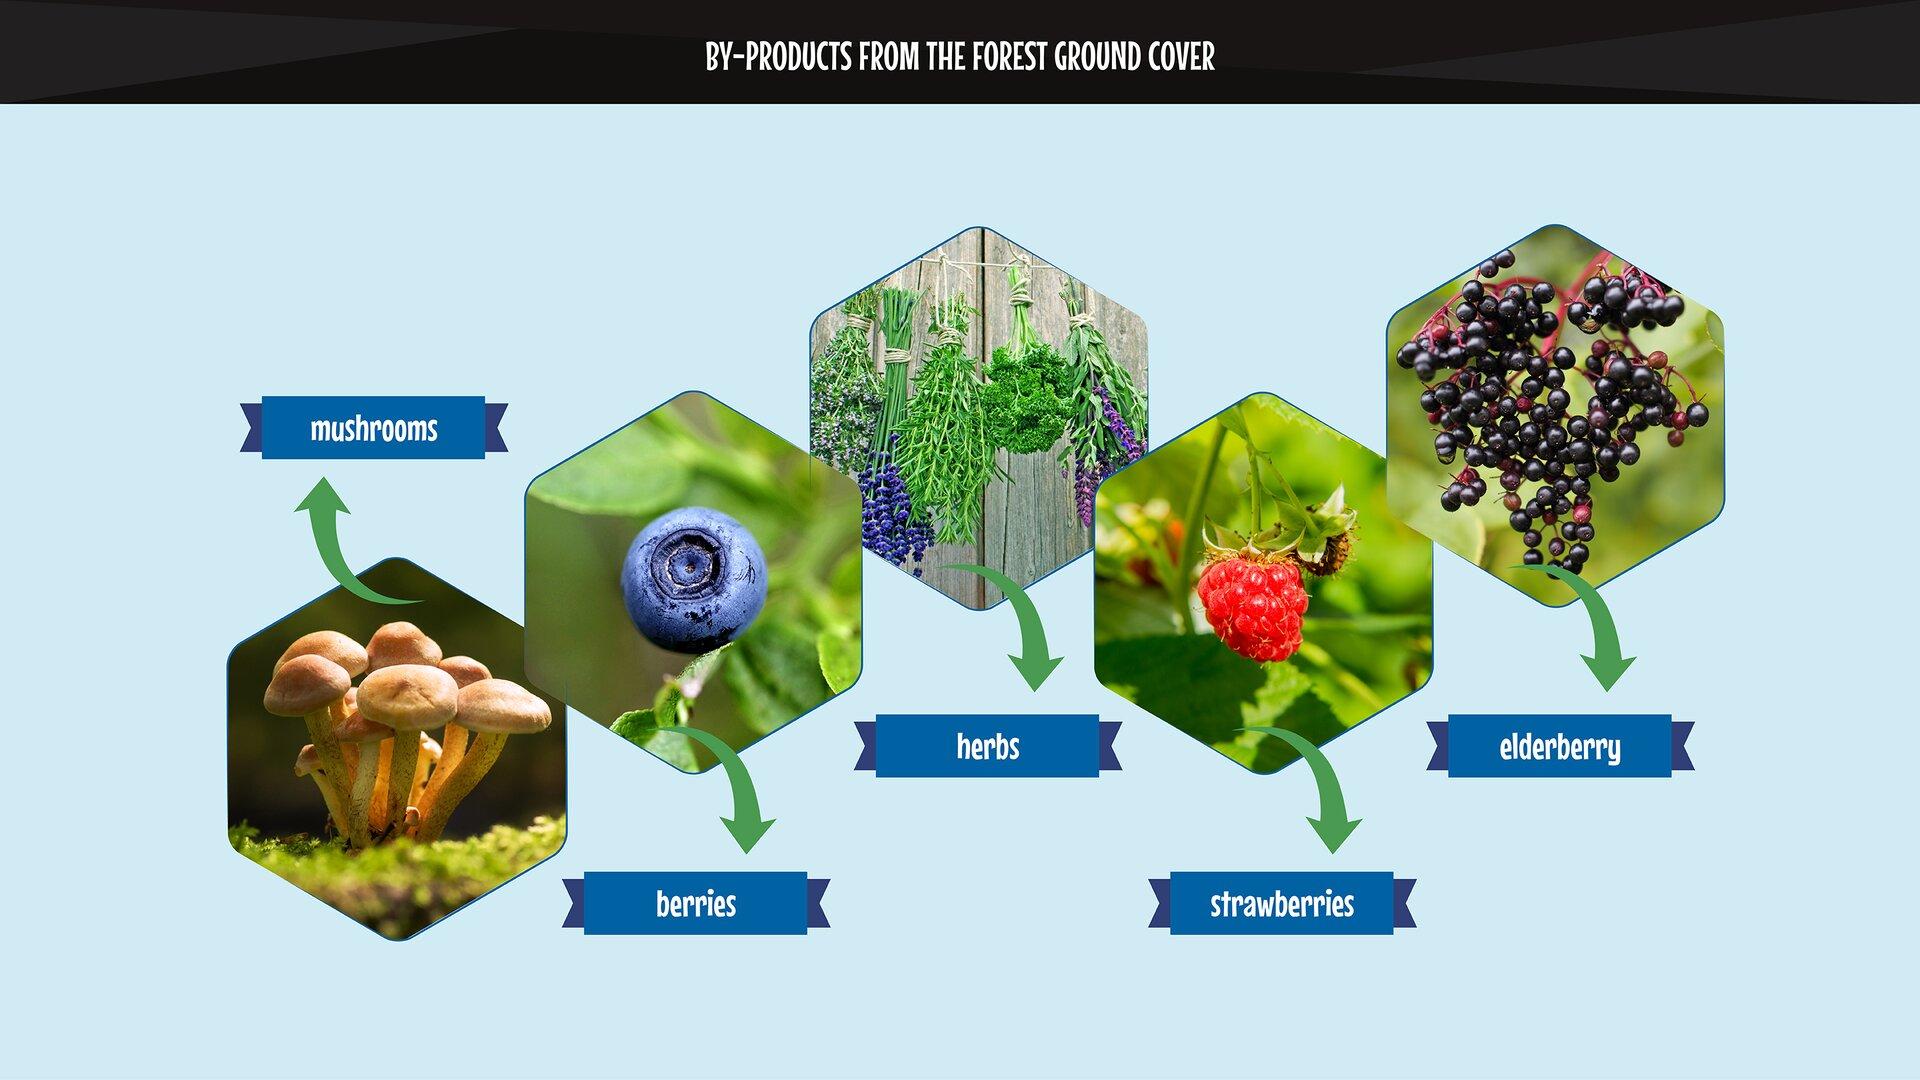 The photo presents by-products from the forest ground cover: mushrooms, herbs, berries, raspberries, elderberry. Grafika przedstawia użytki uboczne zruna leśnego - grzyby, zioła, jagody, maliny, dziki bez.